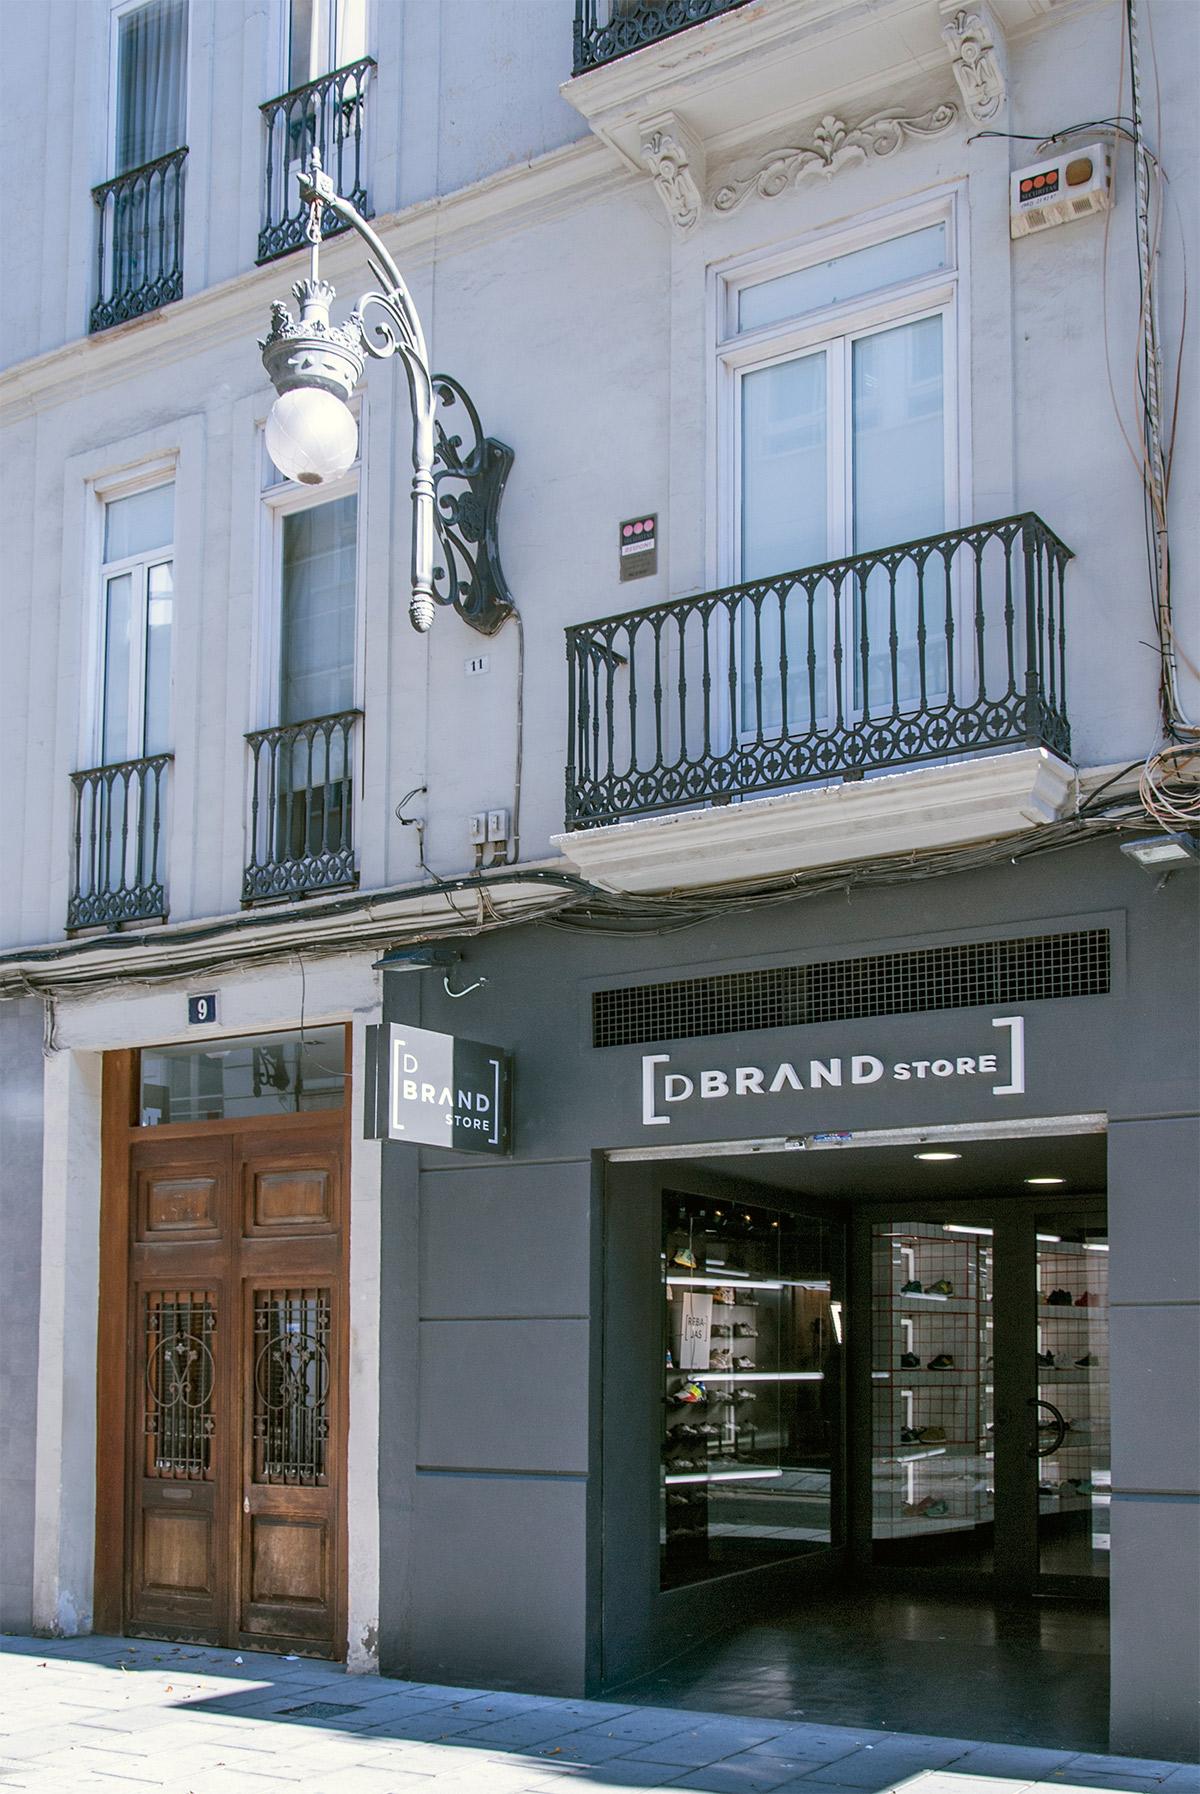 branding-interiorismo-diseno-grafico-dbrand-store-03